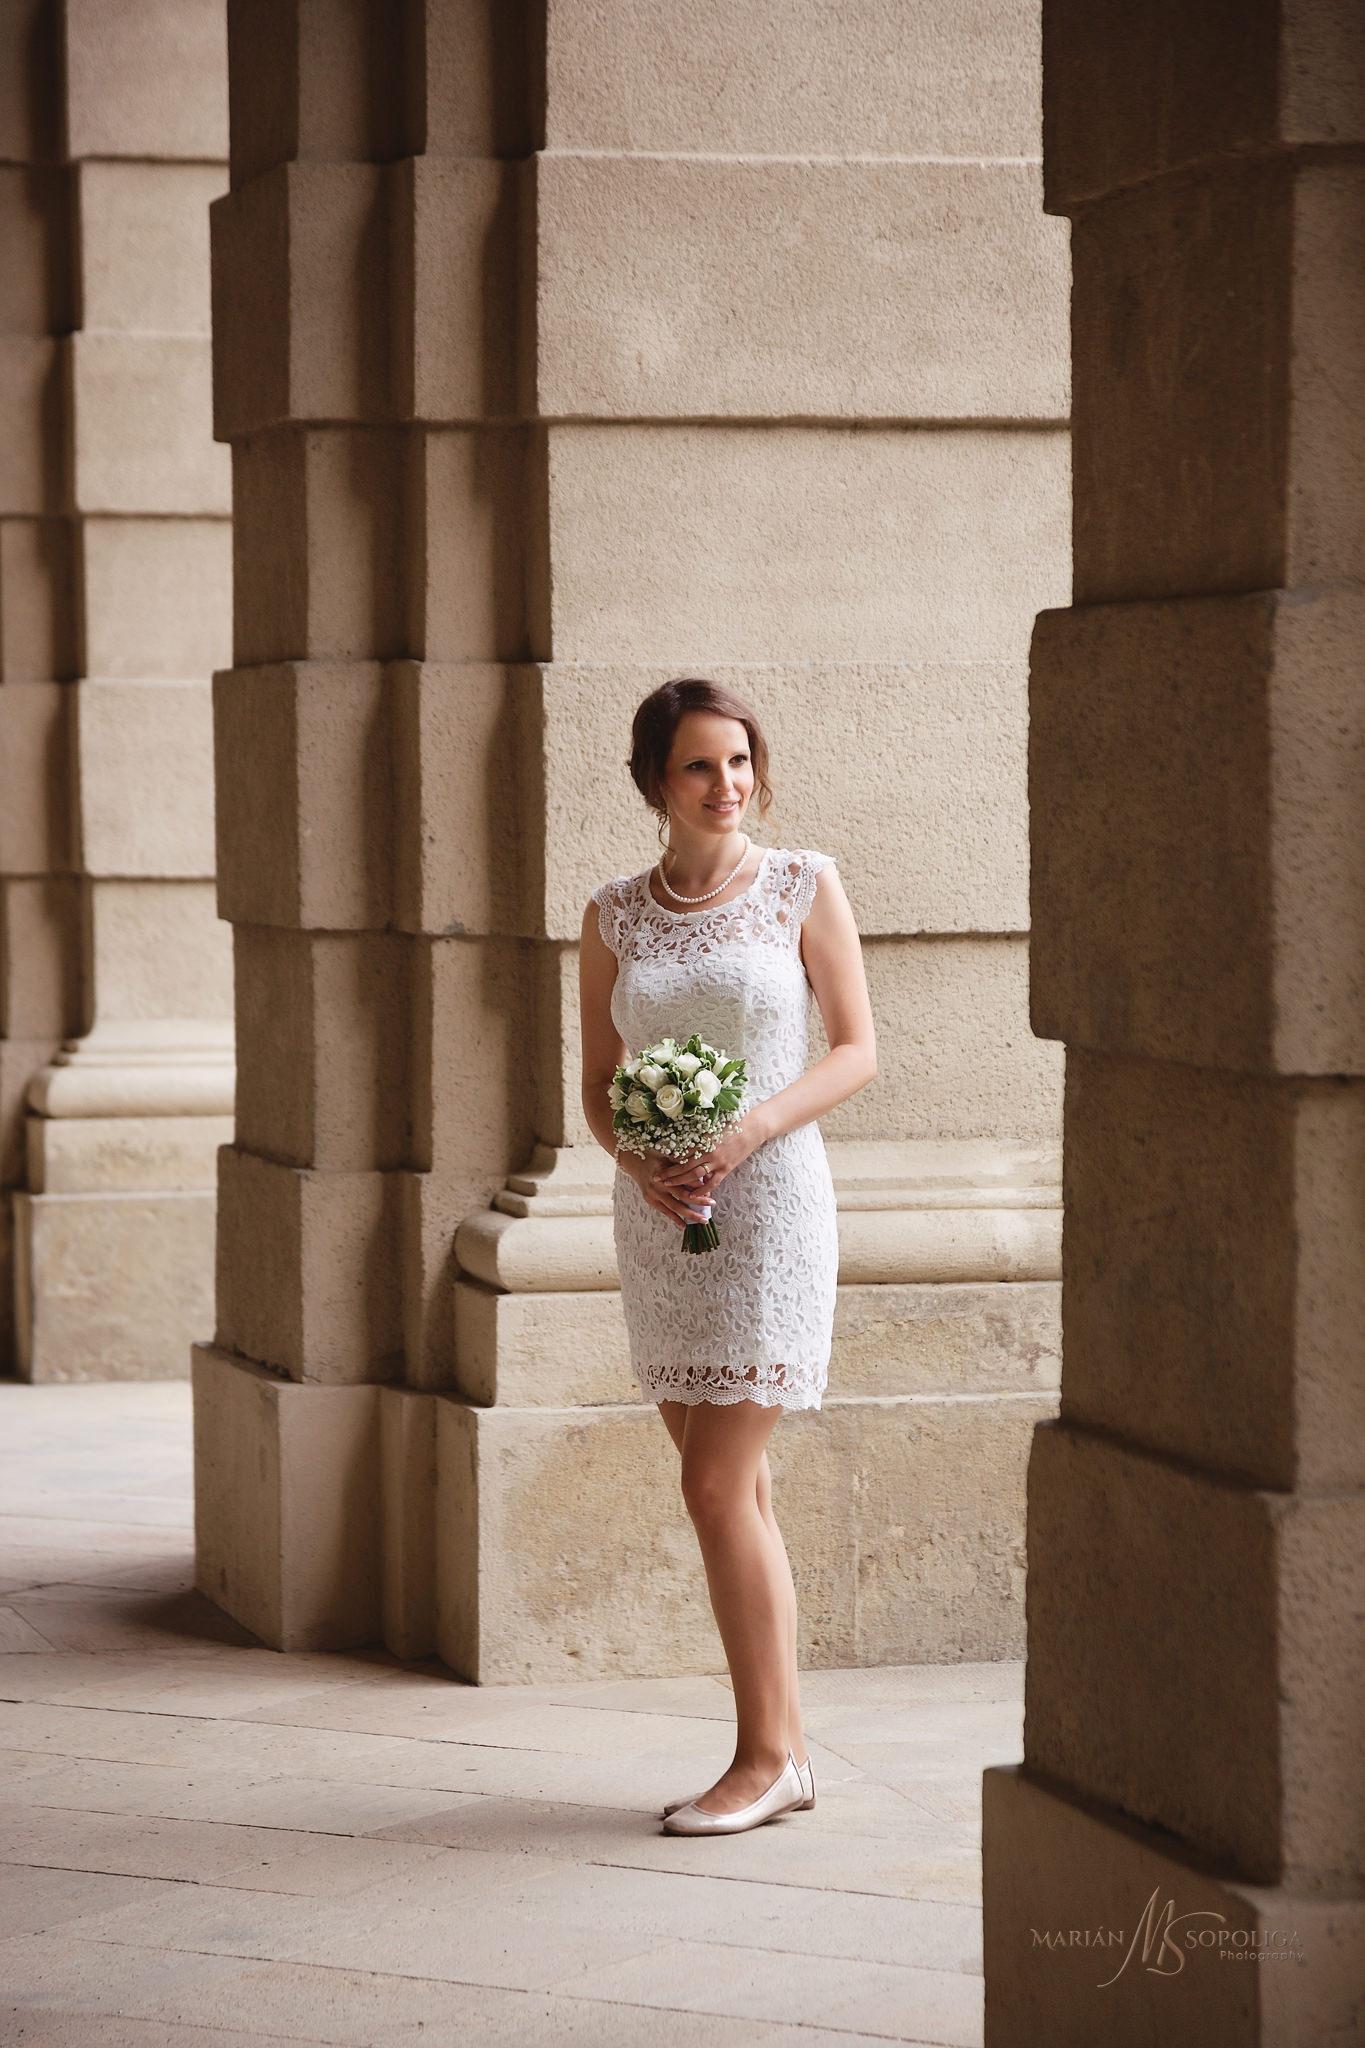 portretni-svatebni-fotografie-nevesty-s-kytici-v-podzamecke-zahr